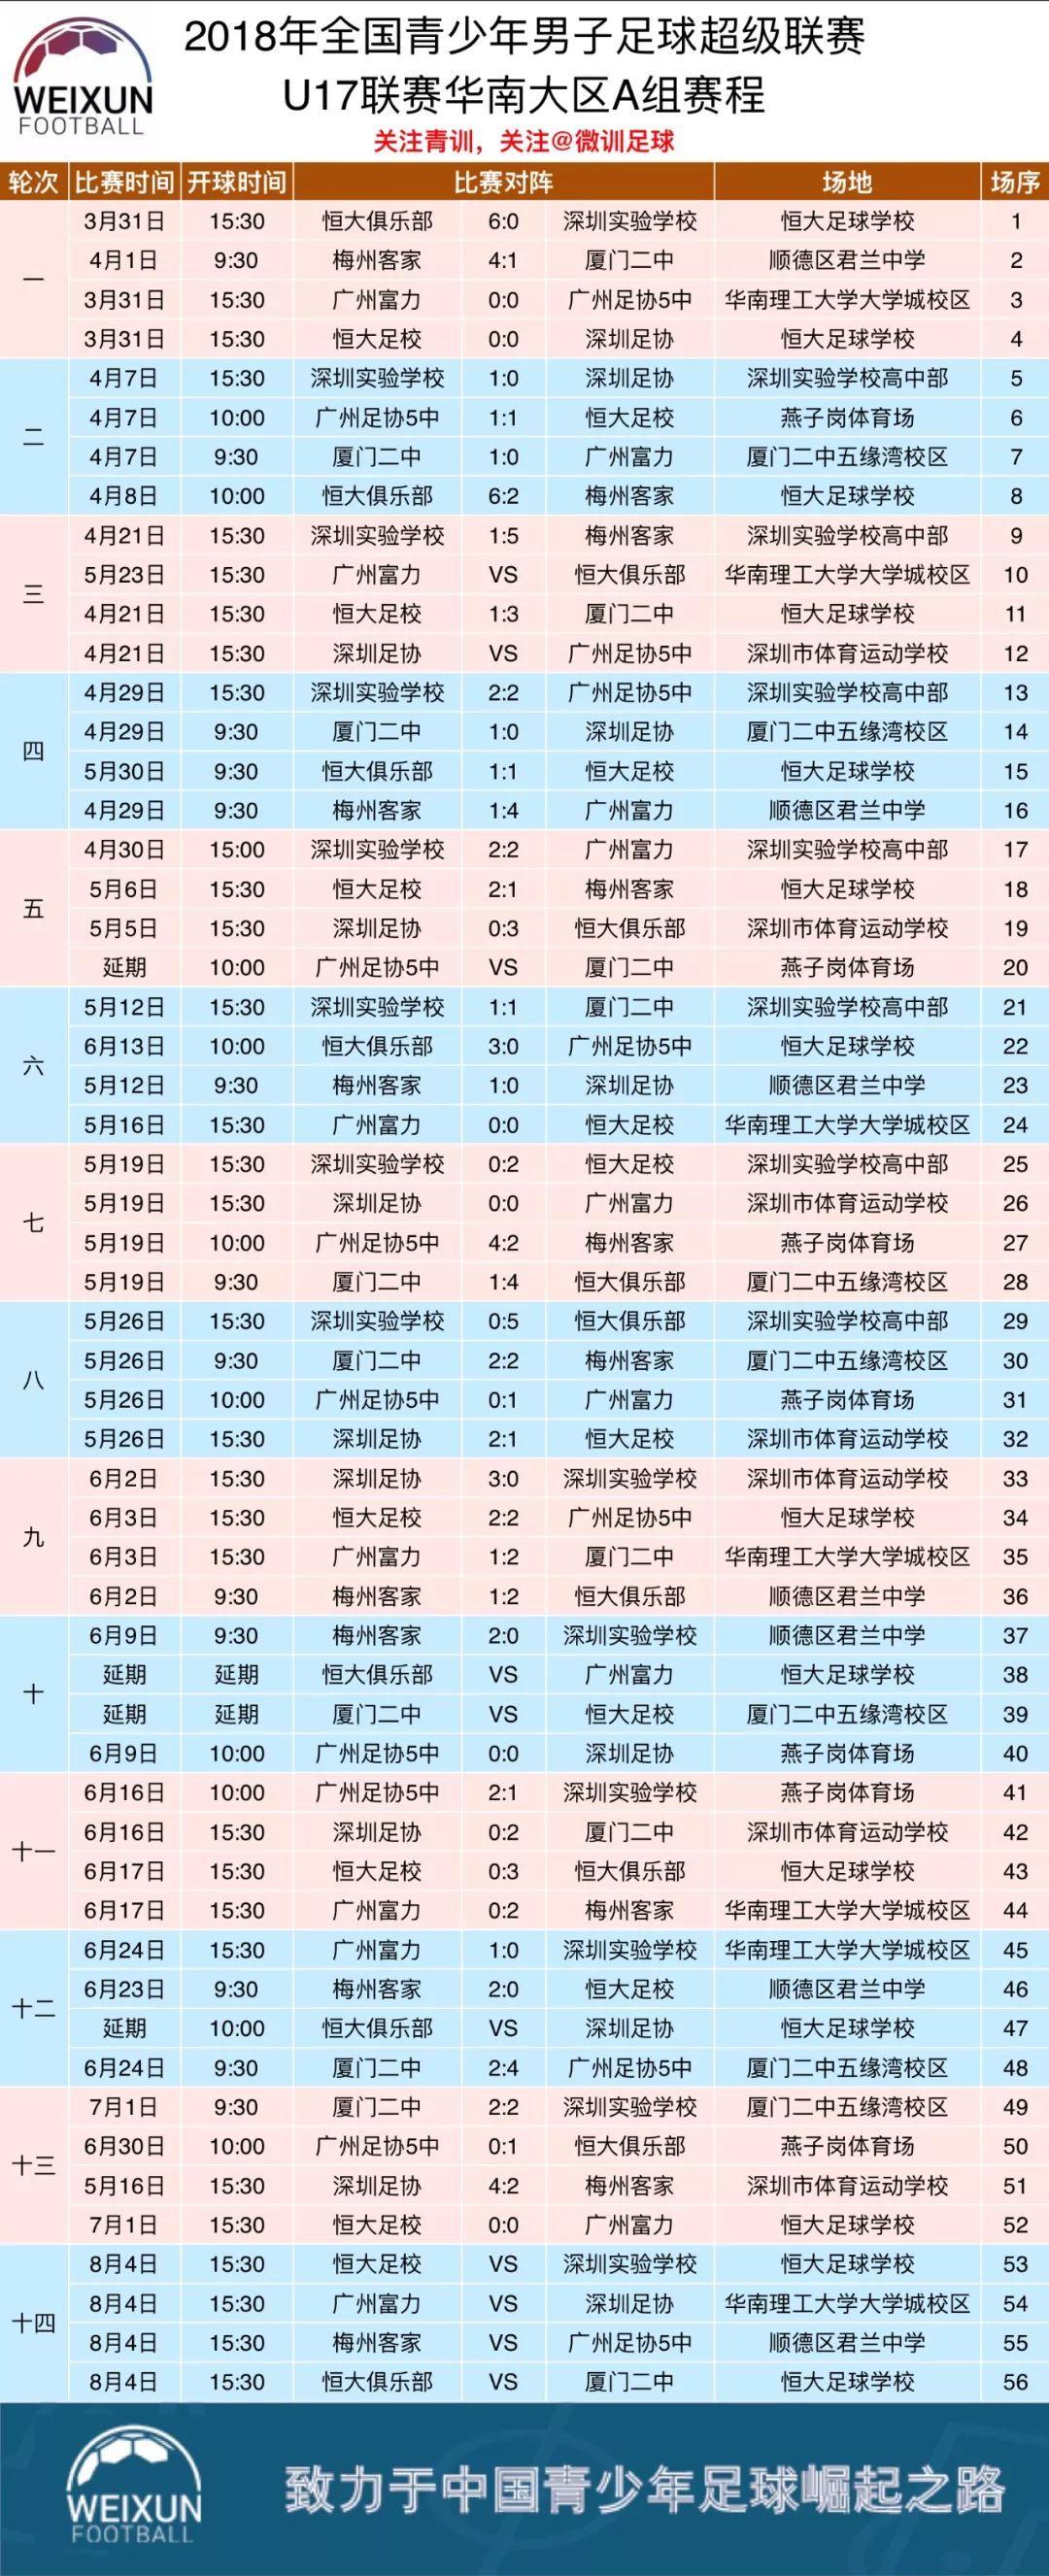 厦门二中2:2深圳实验学校深圳初中5中0:1恒大俱乐部广州时候2016足协春游什么图片